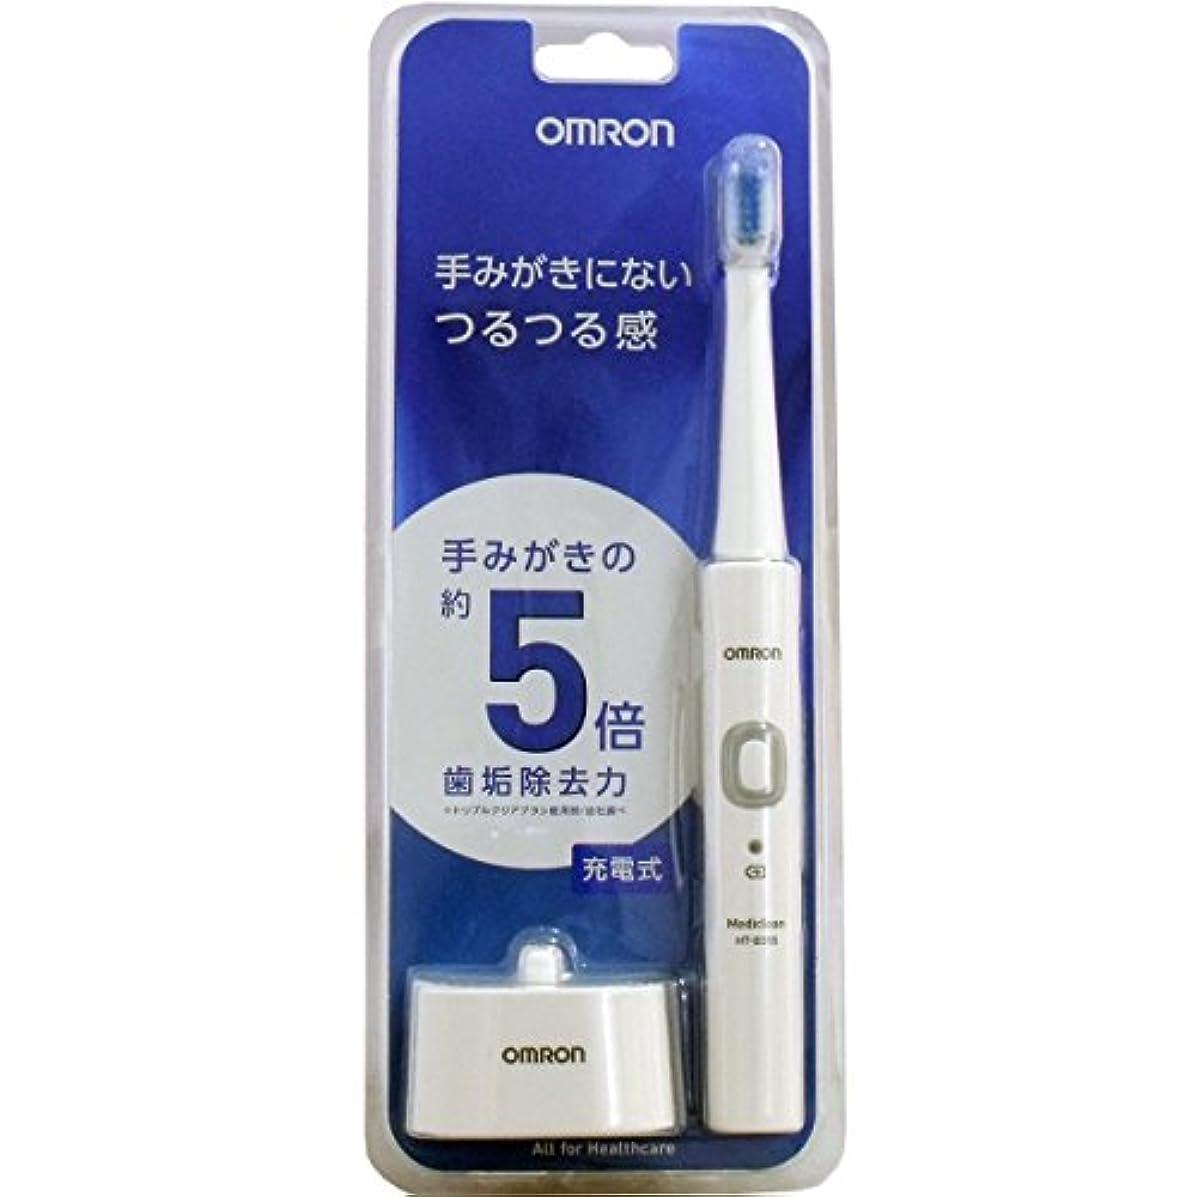 管理者内訳然としたオムロン電動歯ブラシHT-B305-W